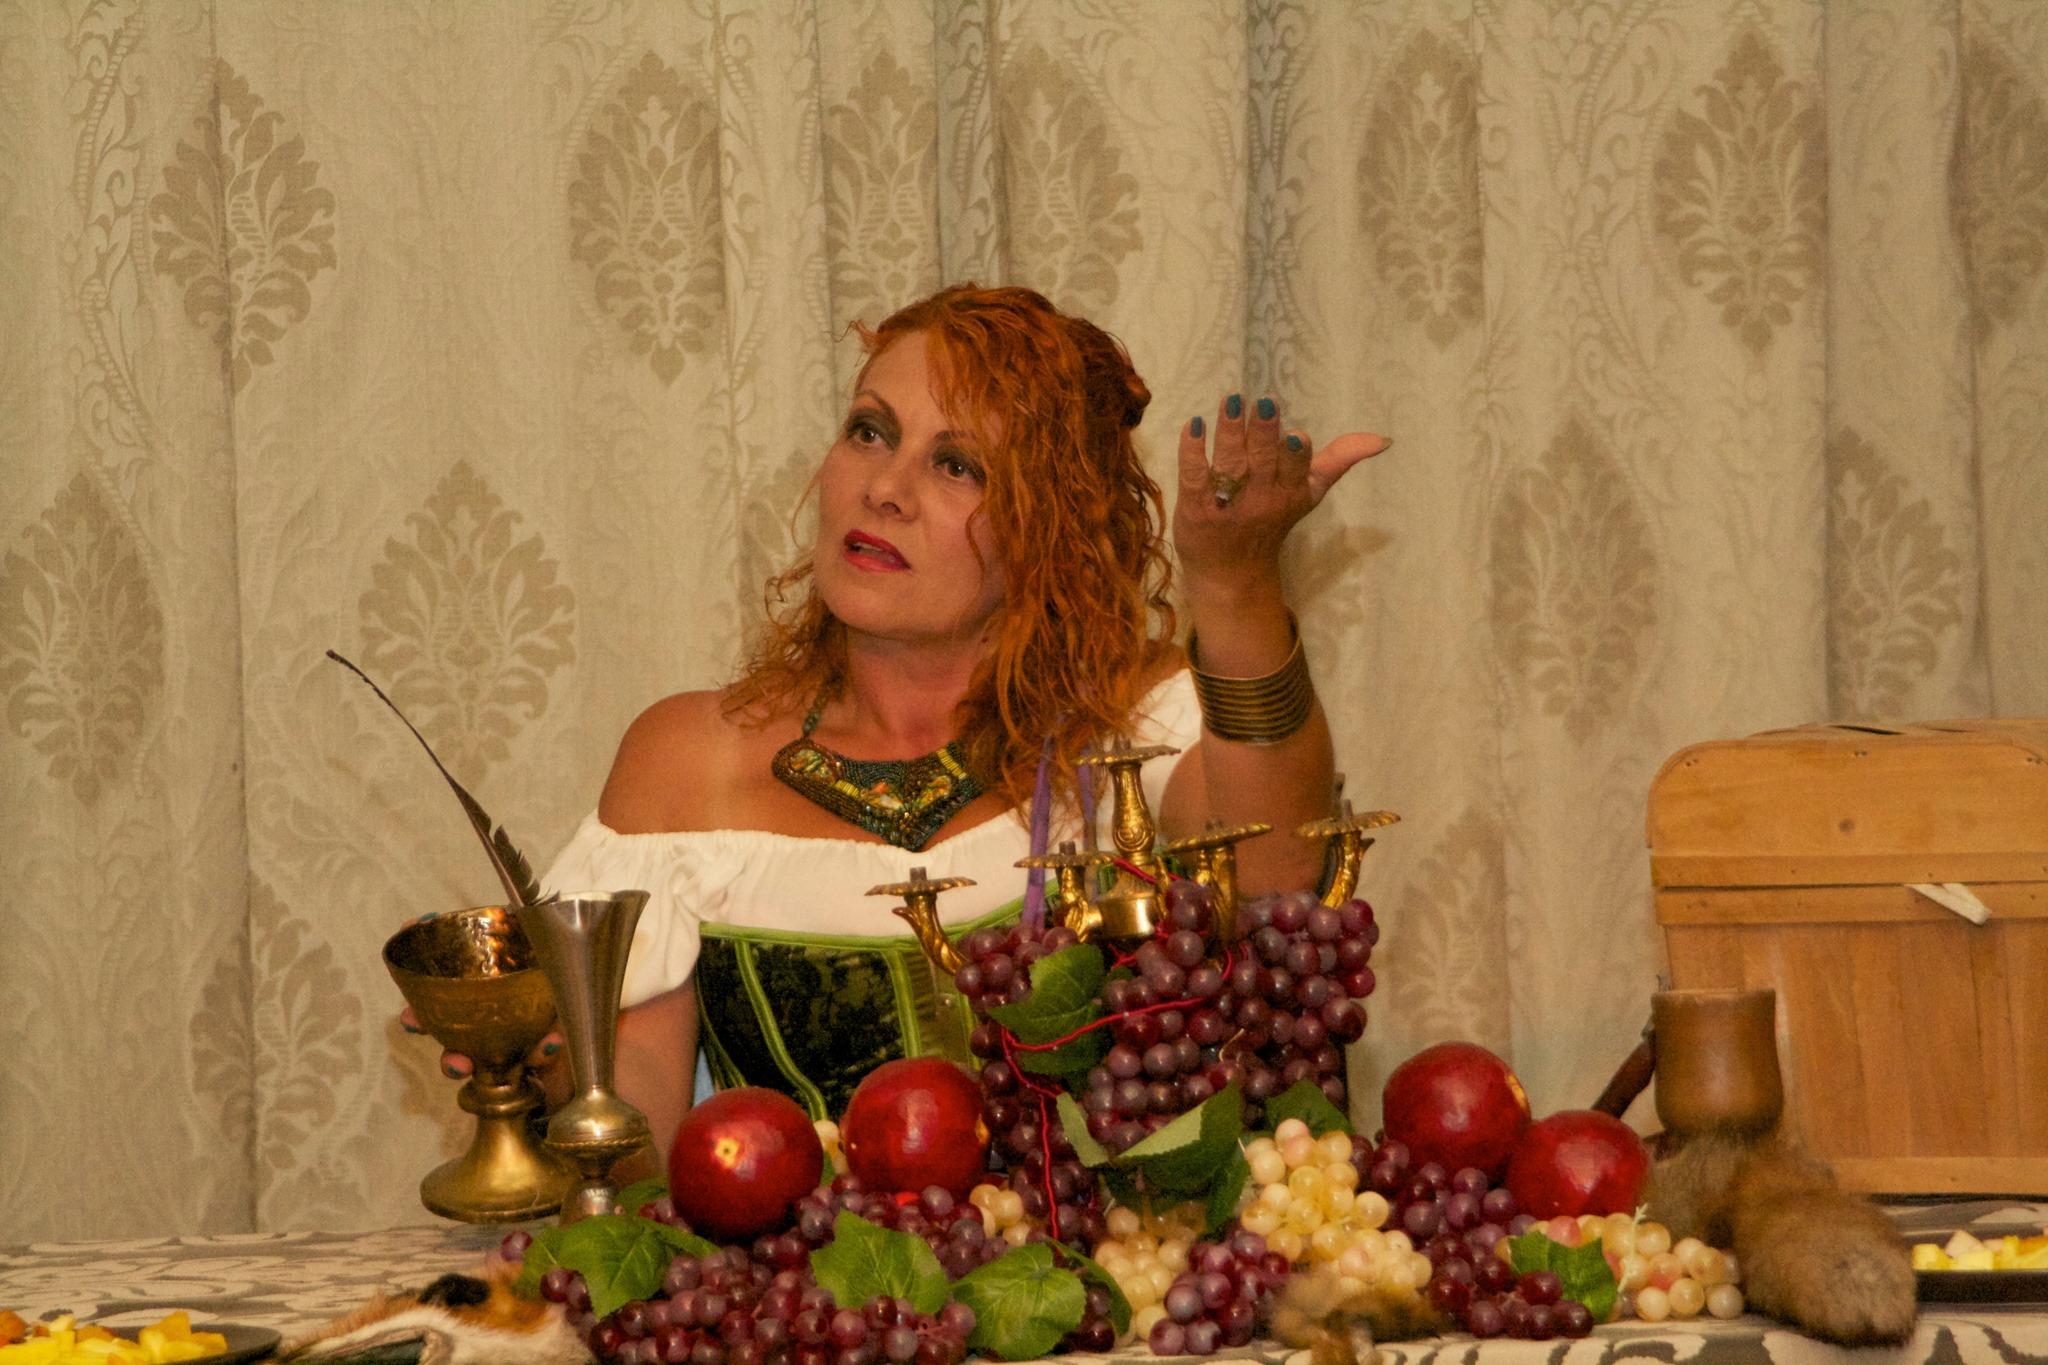 kurtizánképző, anyaság, anyalét, Gyimesi Ágens, Zina, szabadszínház